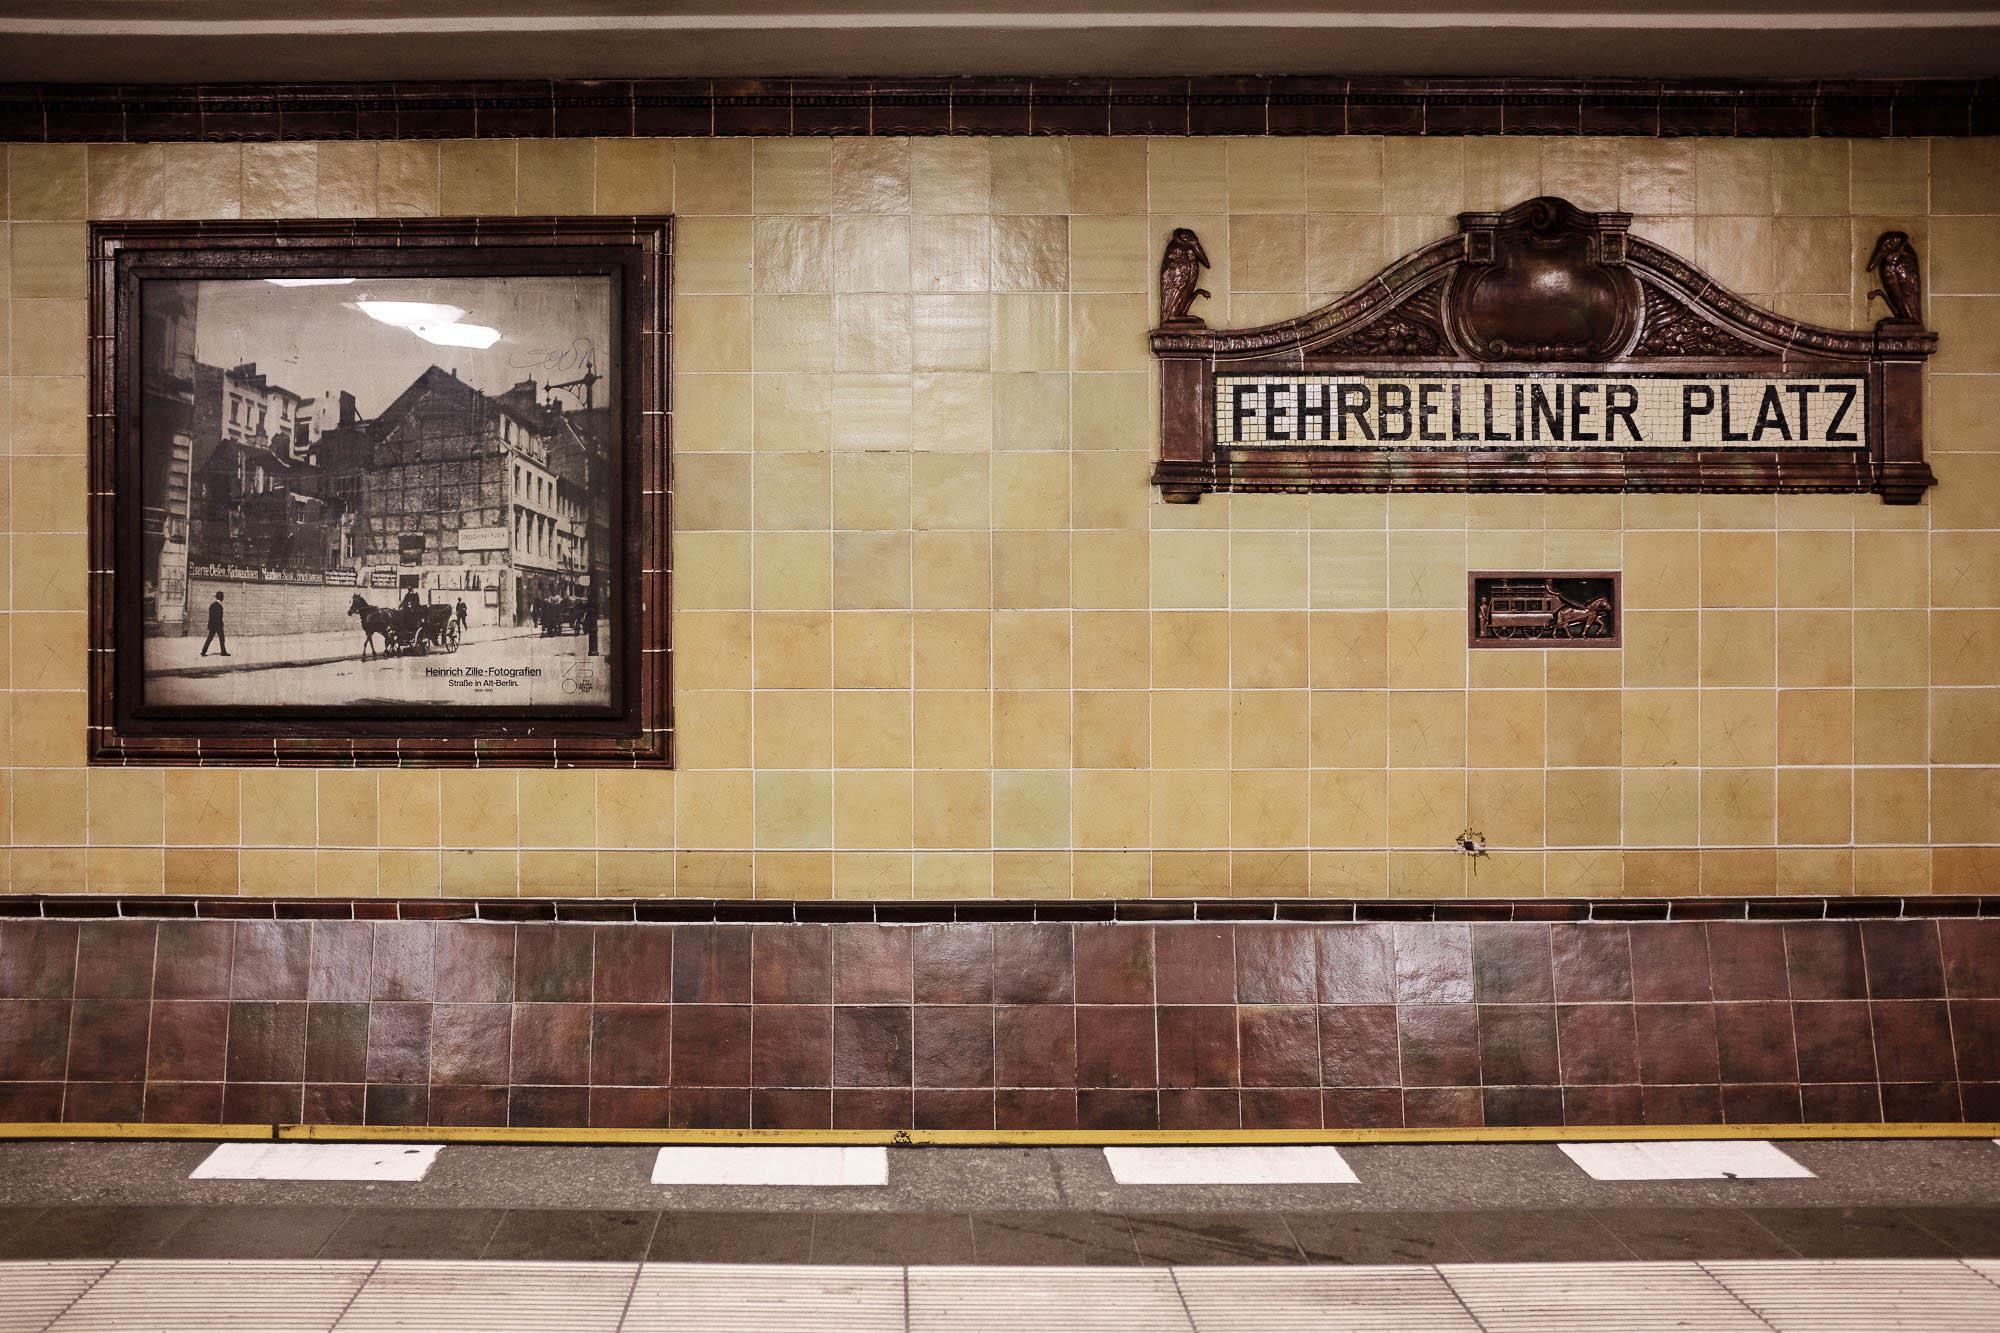 Photoauge / Subway